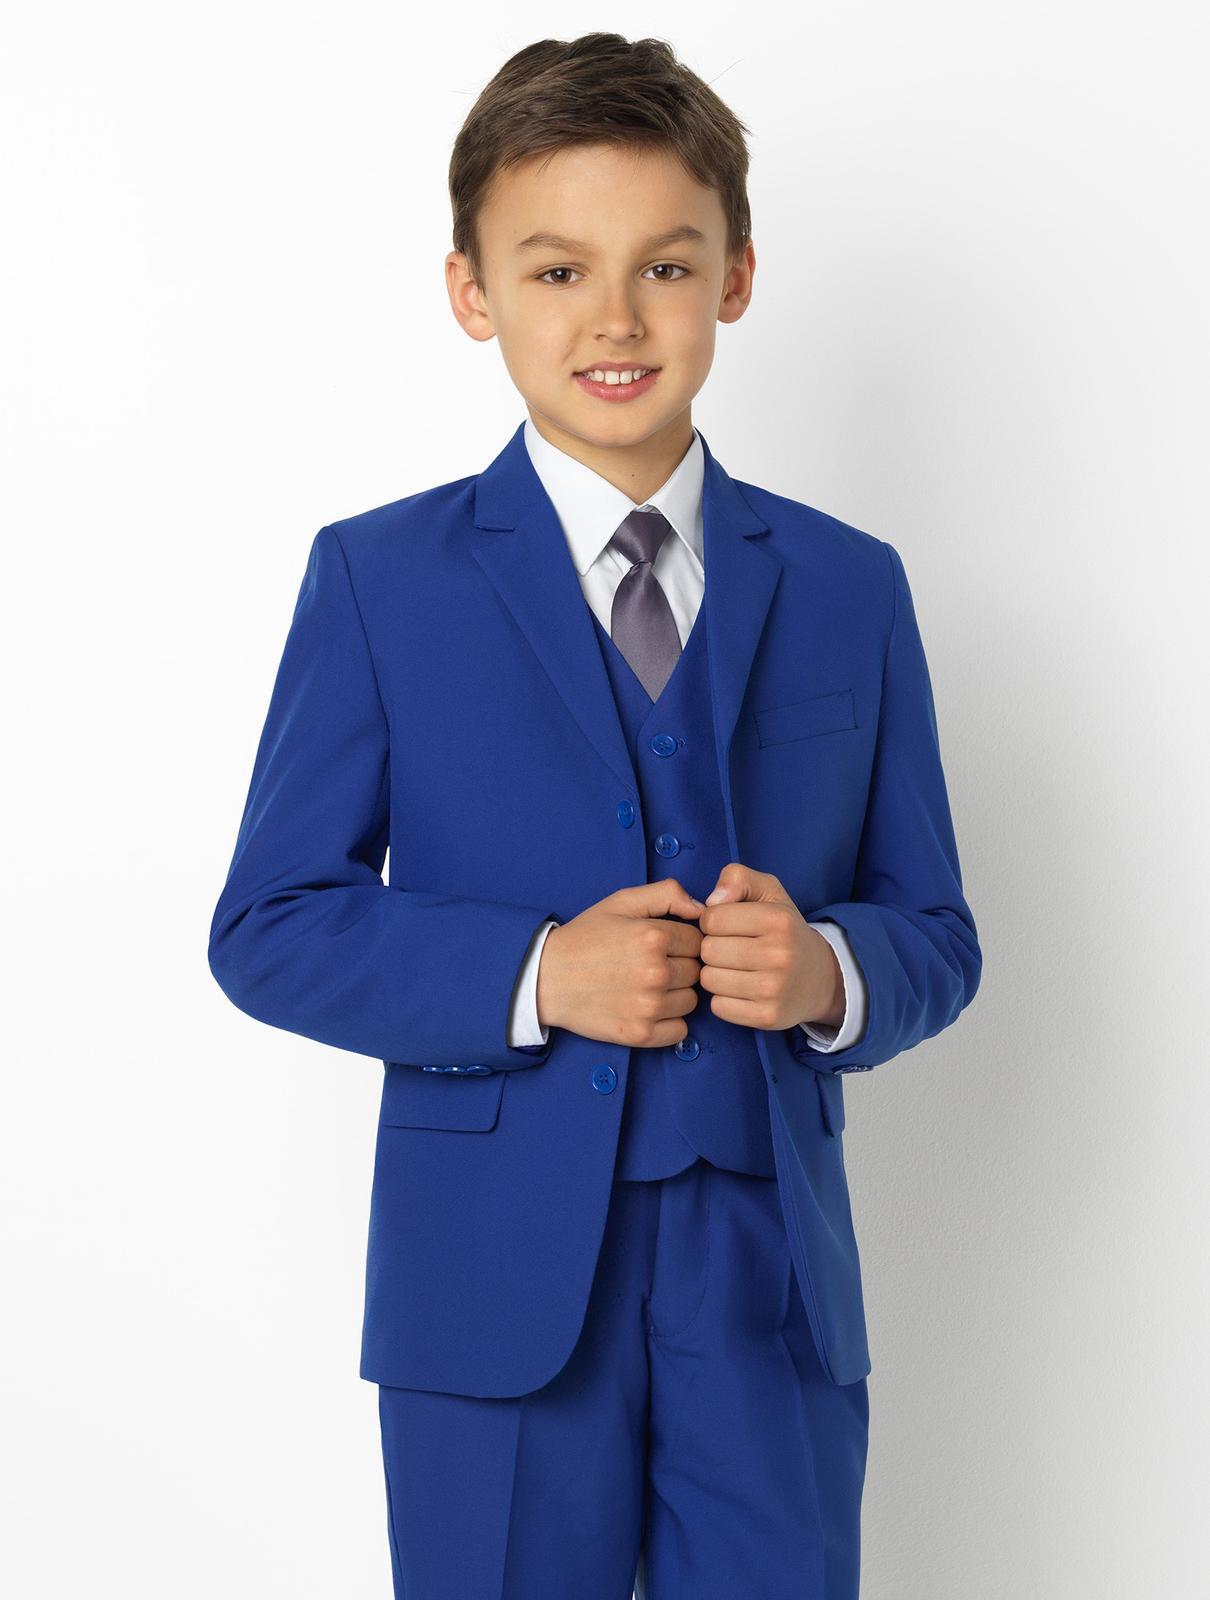 NOVINKA - oblek pro chlapce, k půjčení, k prodeji - Obrázek č. 2